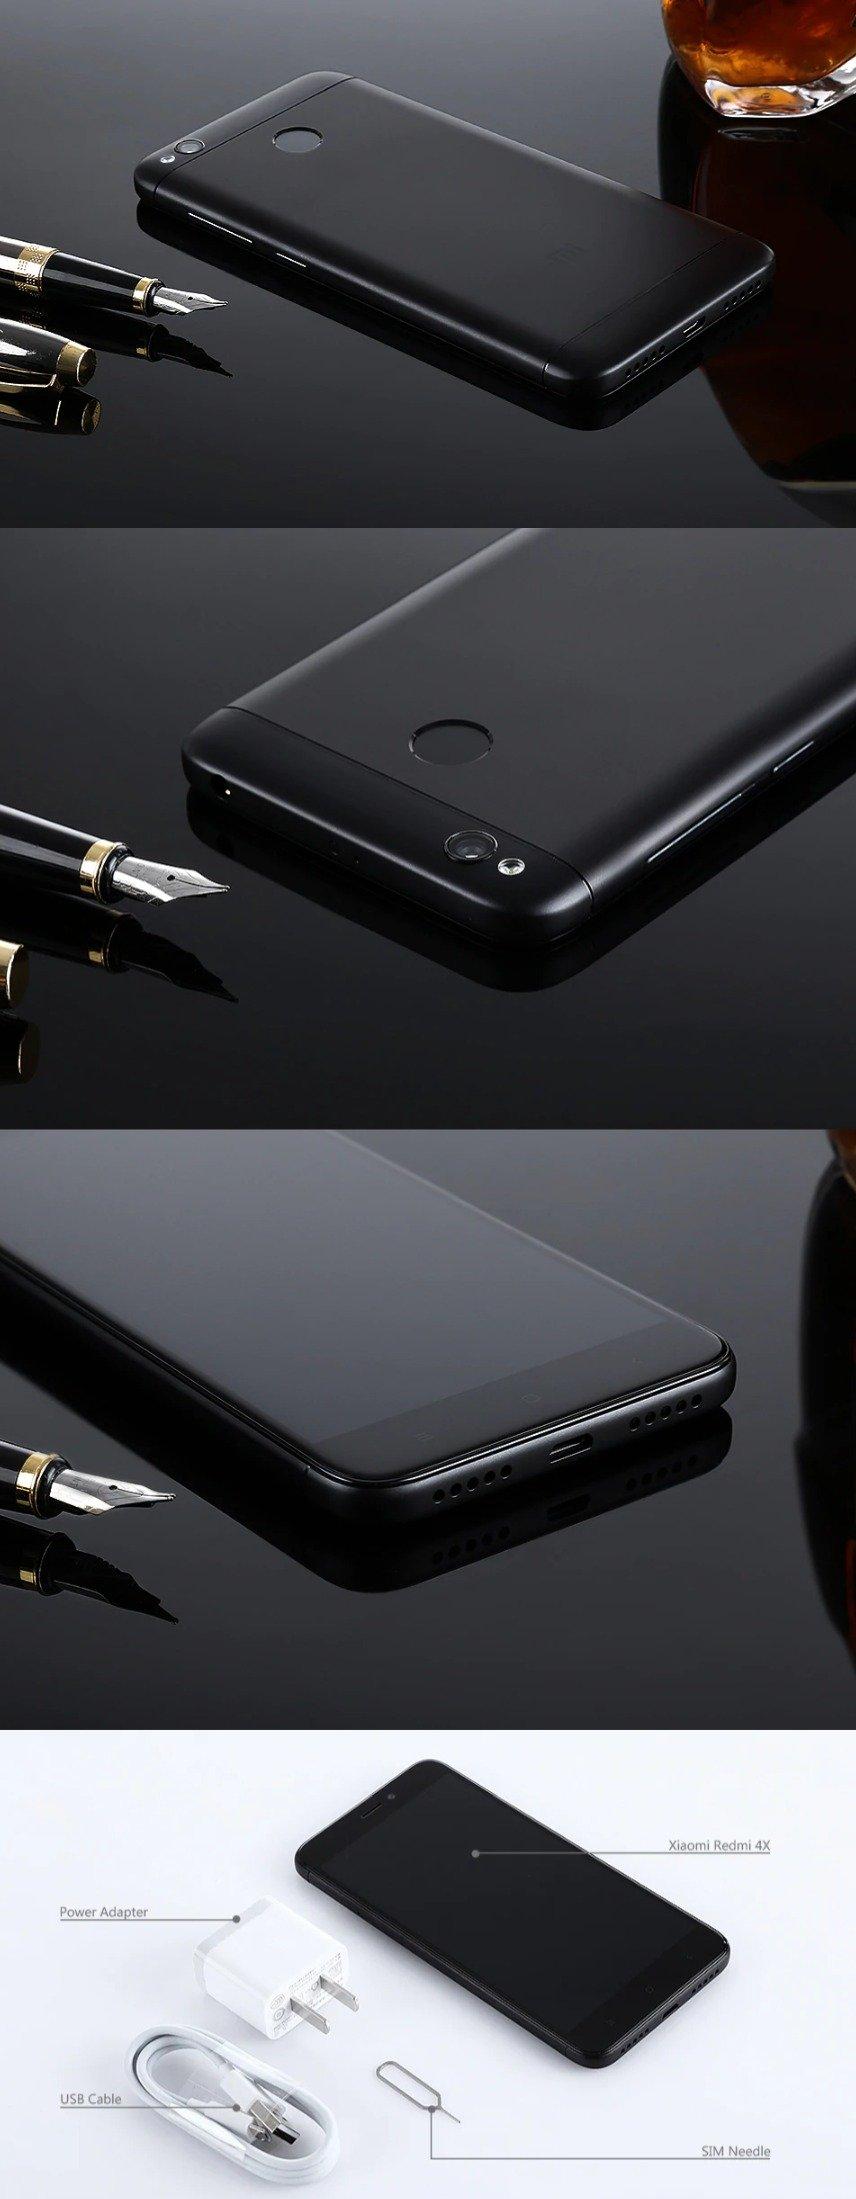 Black Friday Xiaomi Sale - Redmi 4X 4G Smartphone Best Deals